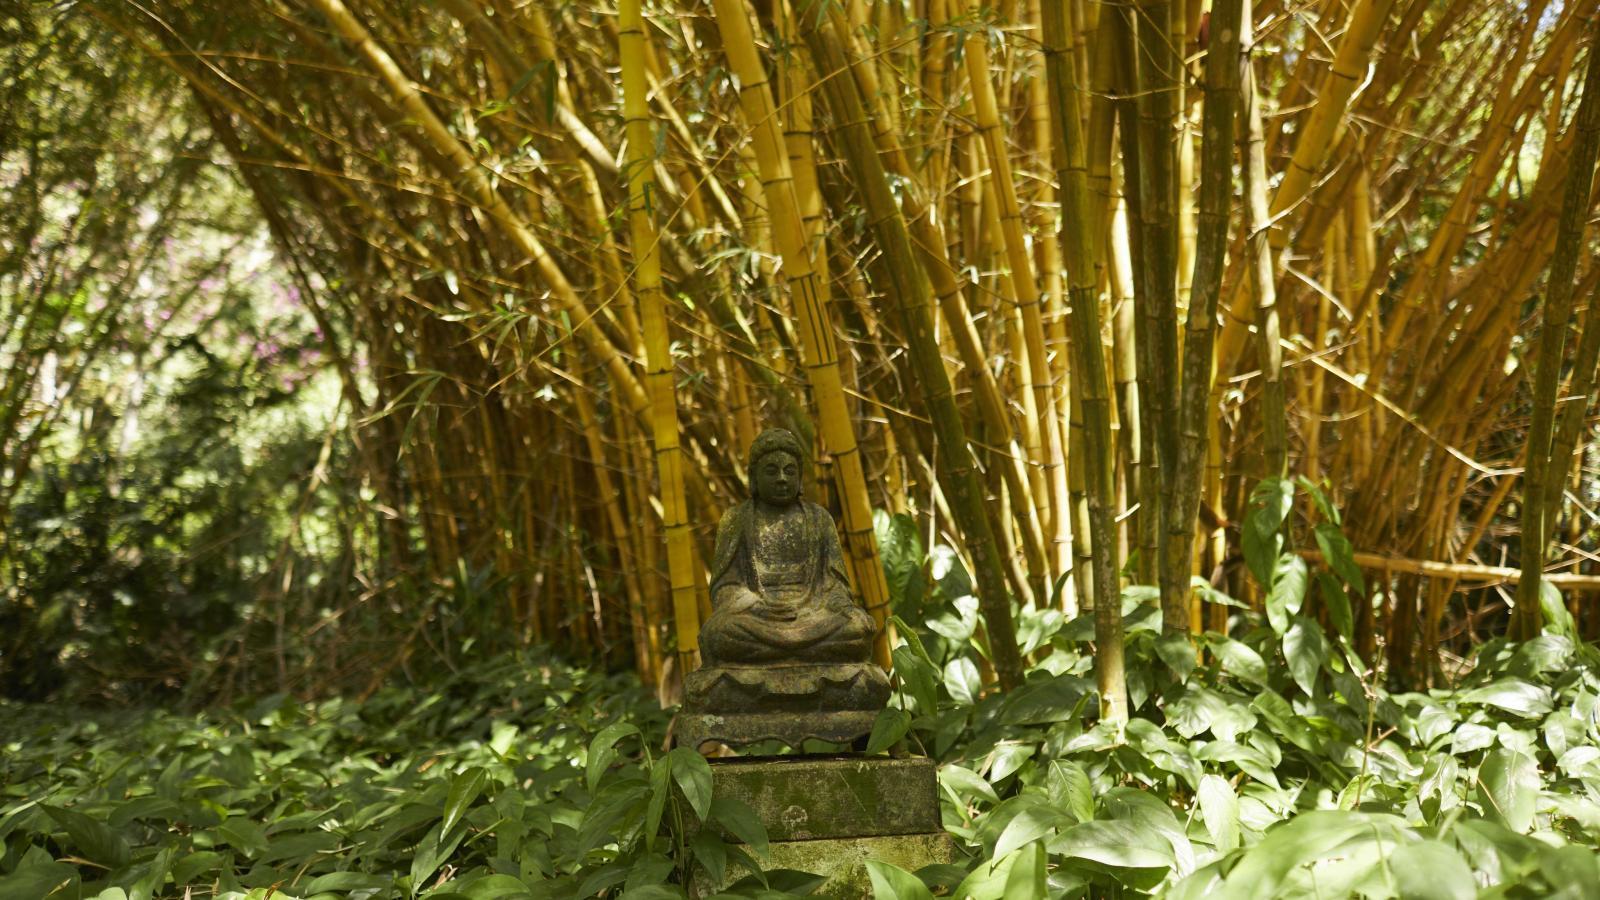 Bamboo Garden at Allerton Garden